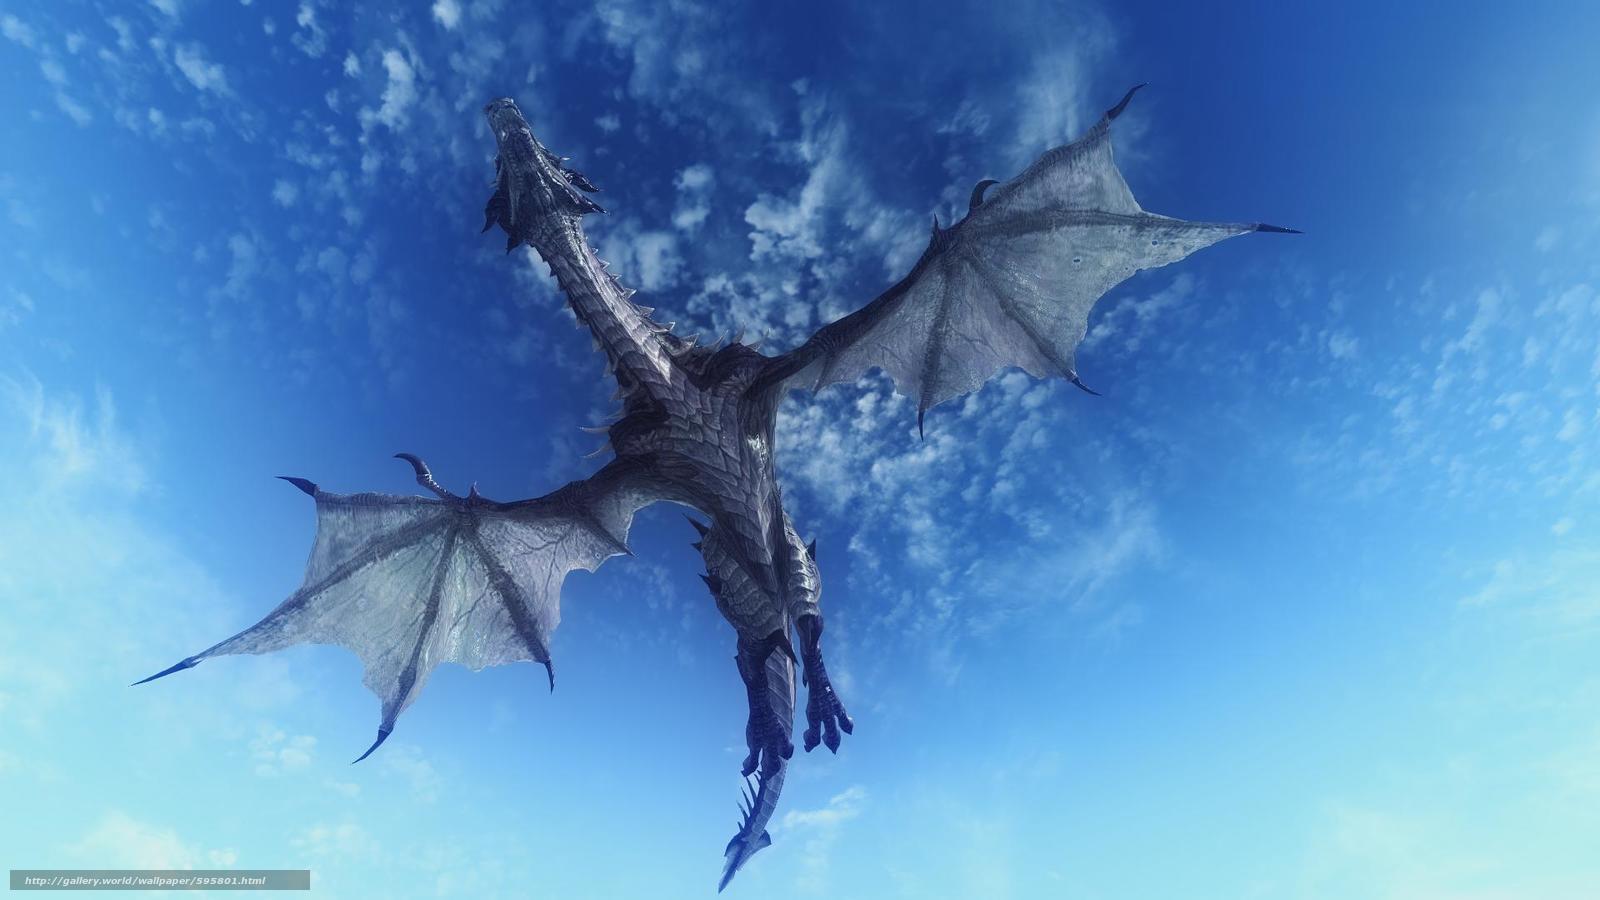 Tlcharger Fond Decran Ciel Dragon 3d Fonds Decran